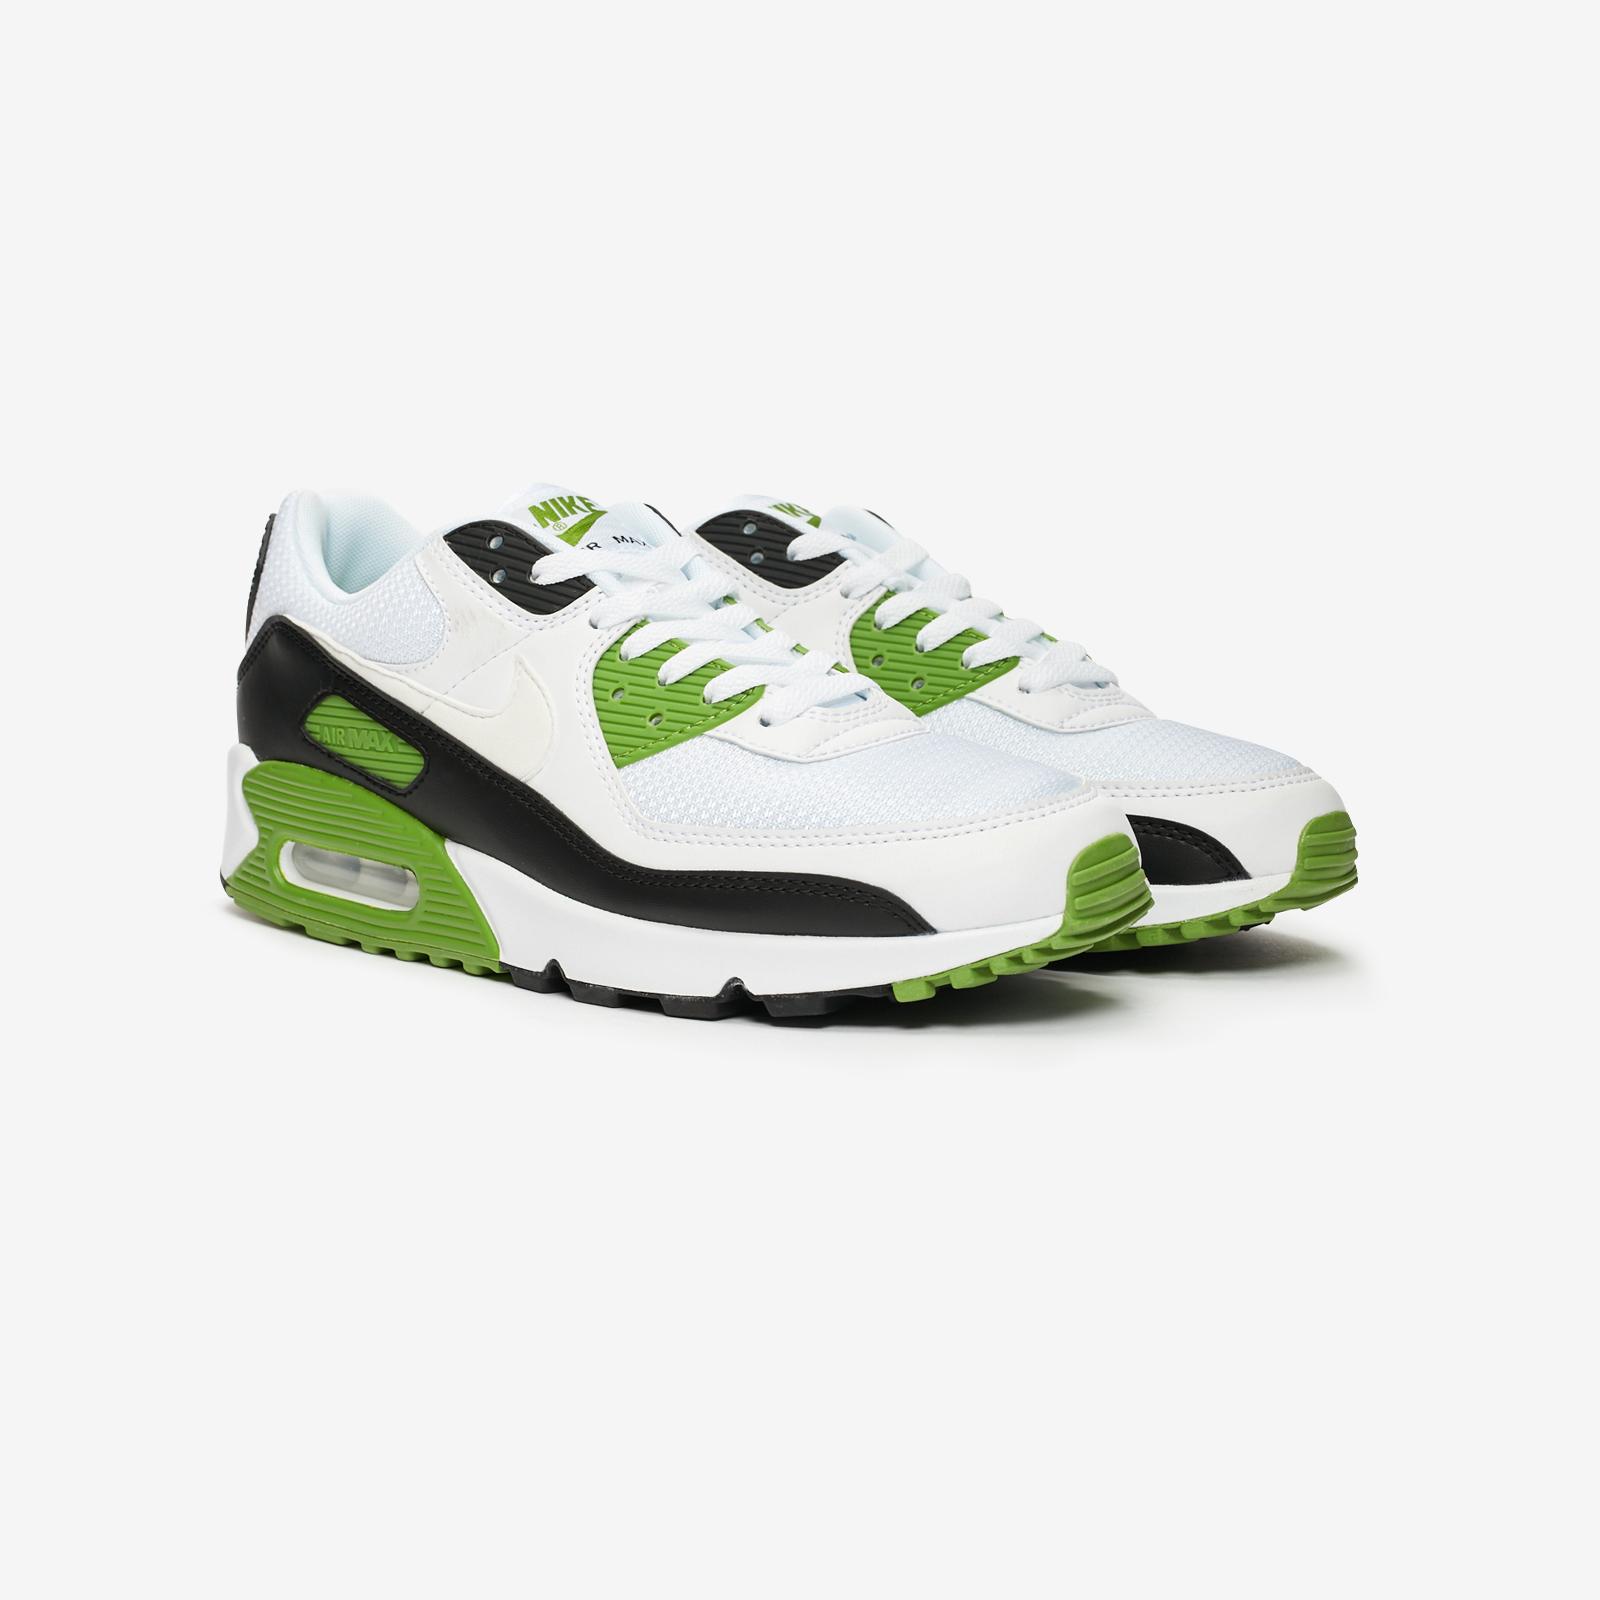 Nike Air Max 90 - Ct4352-102 - SNS | sneakers & streetwear en ...